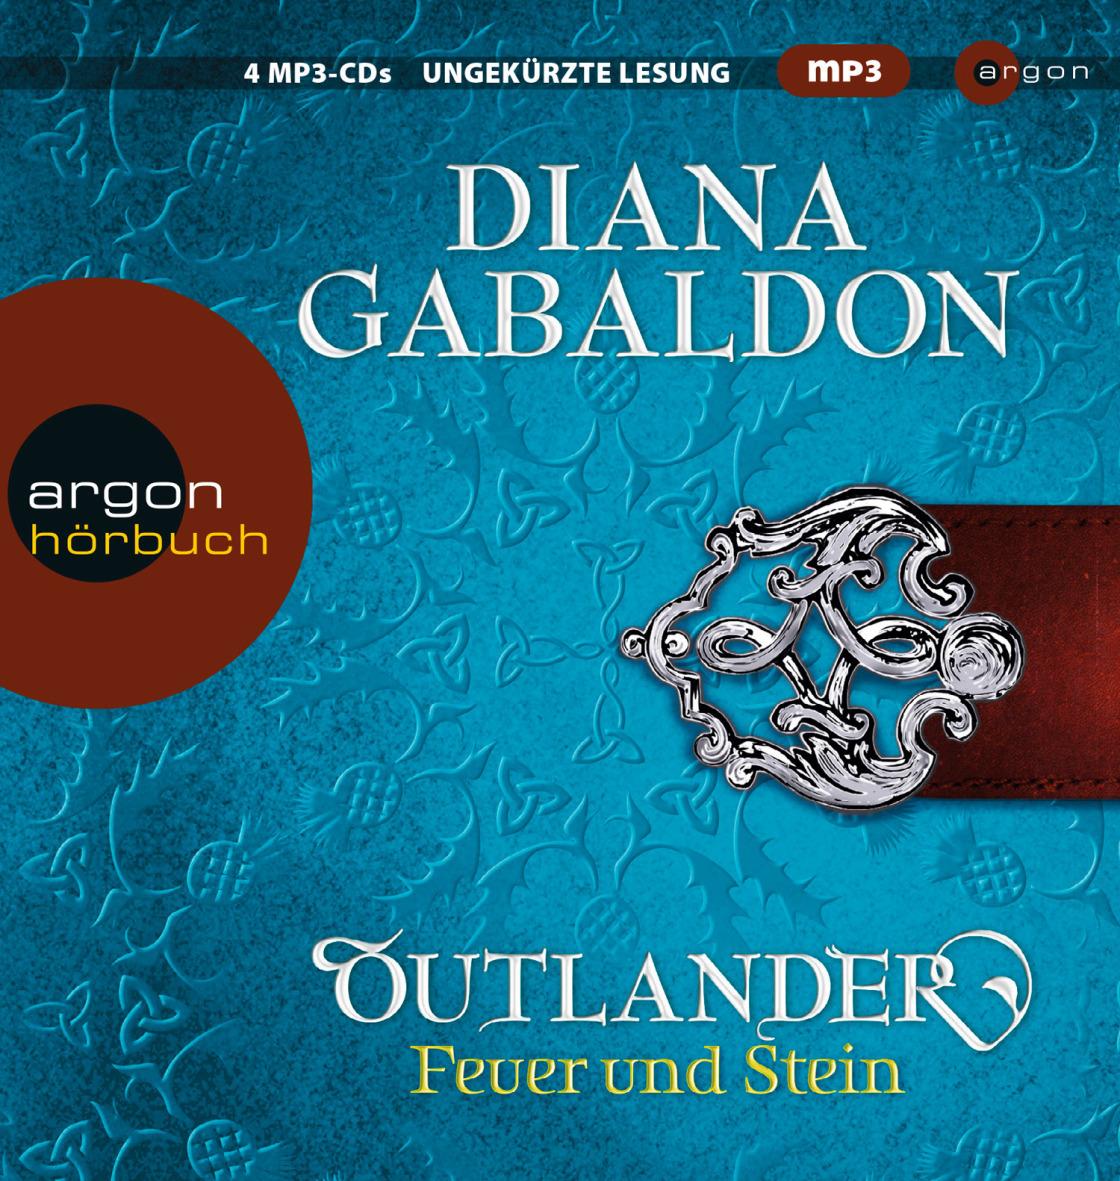 Outlander - Feuer und Stein - Diana Gabaldon [4 mp3 CDs]